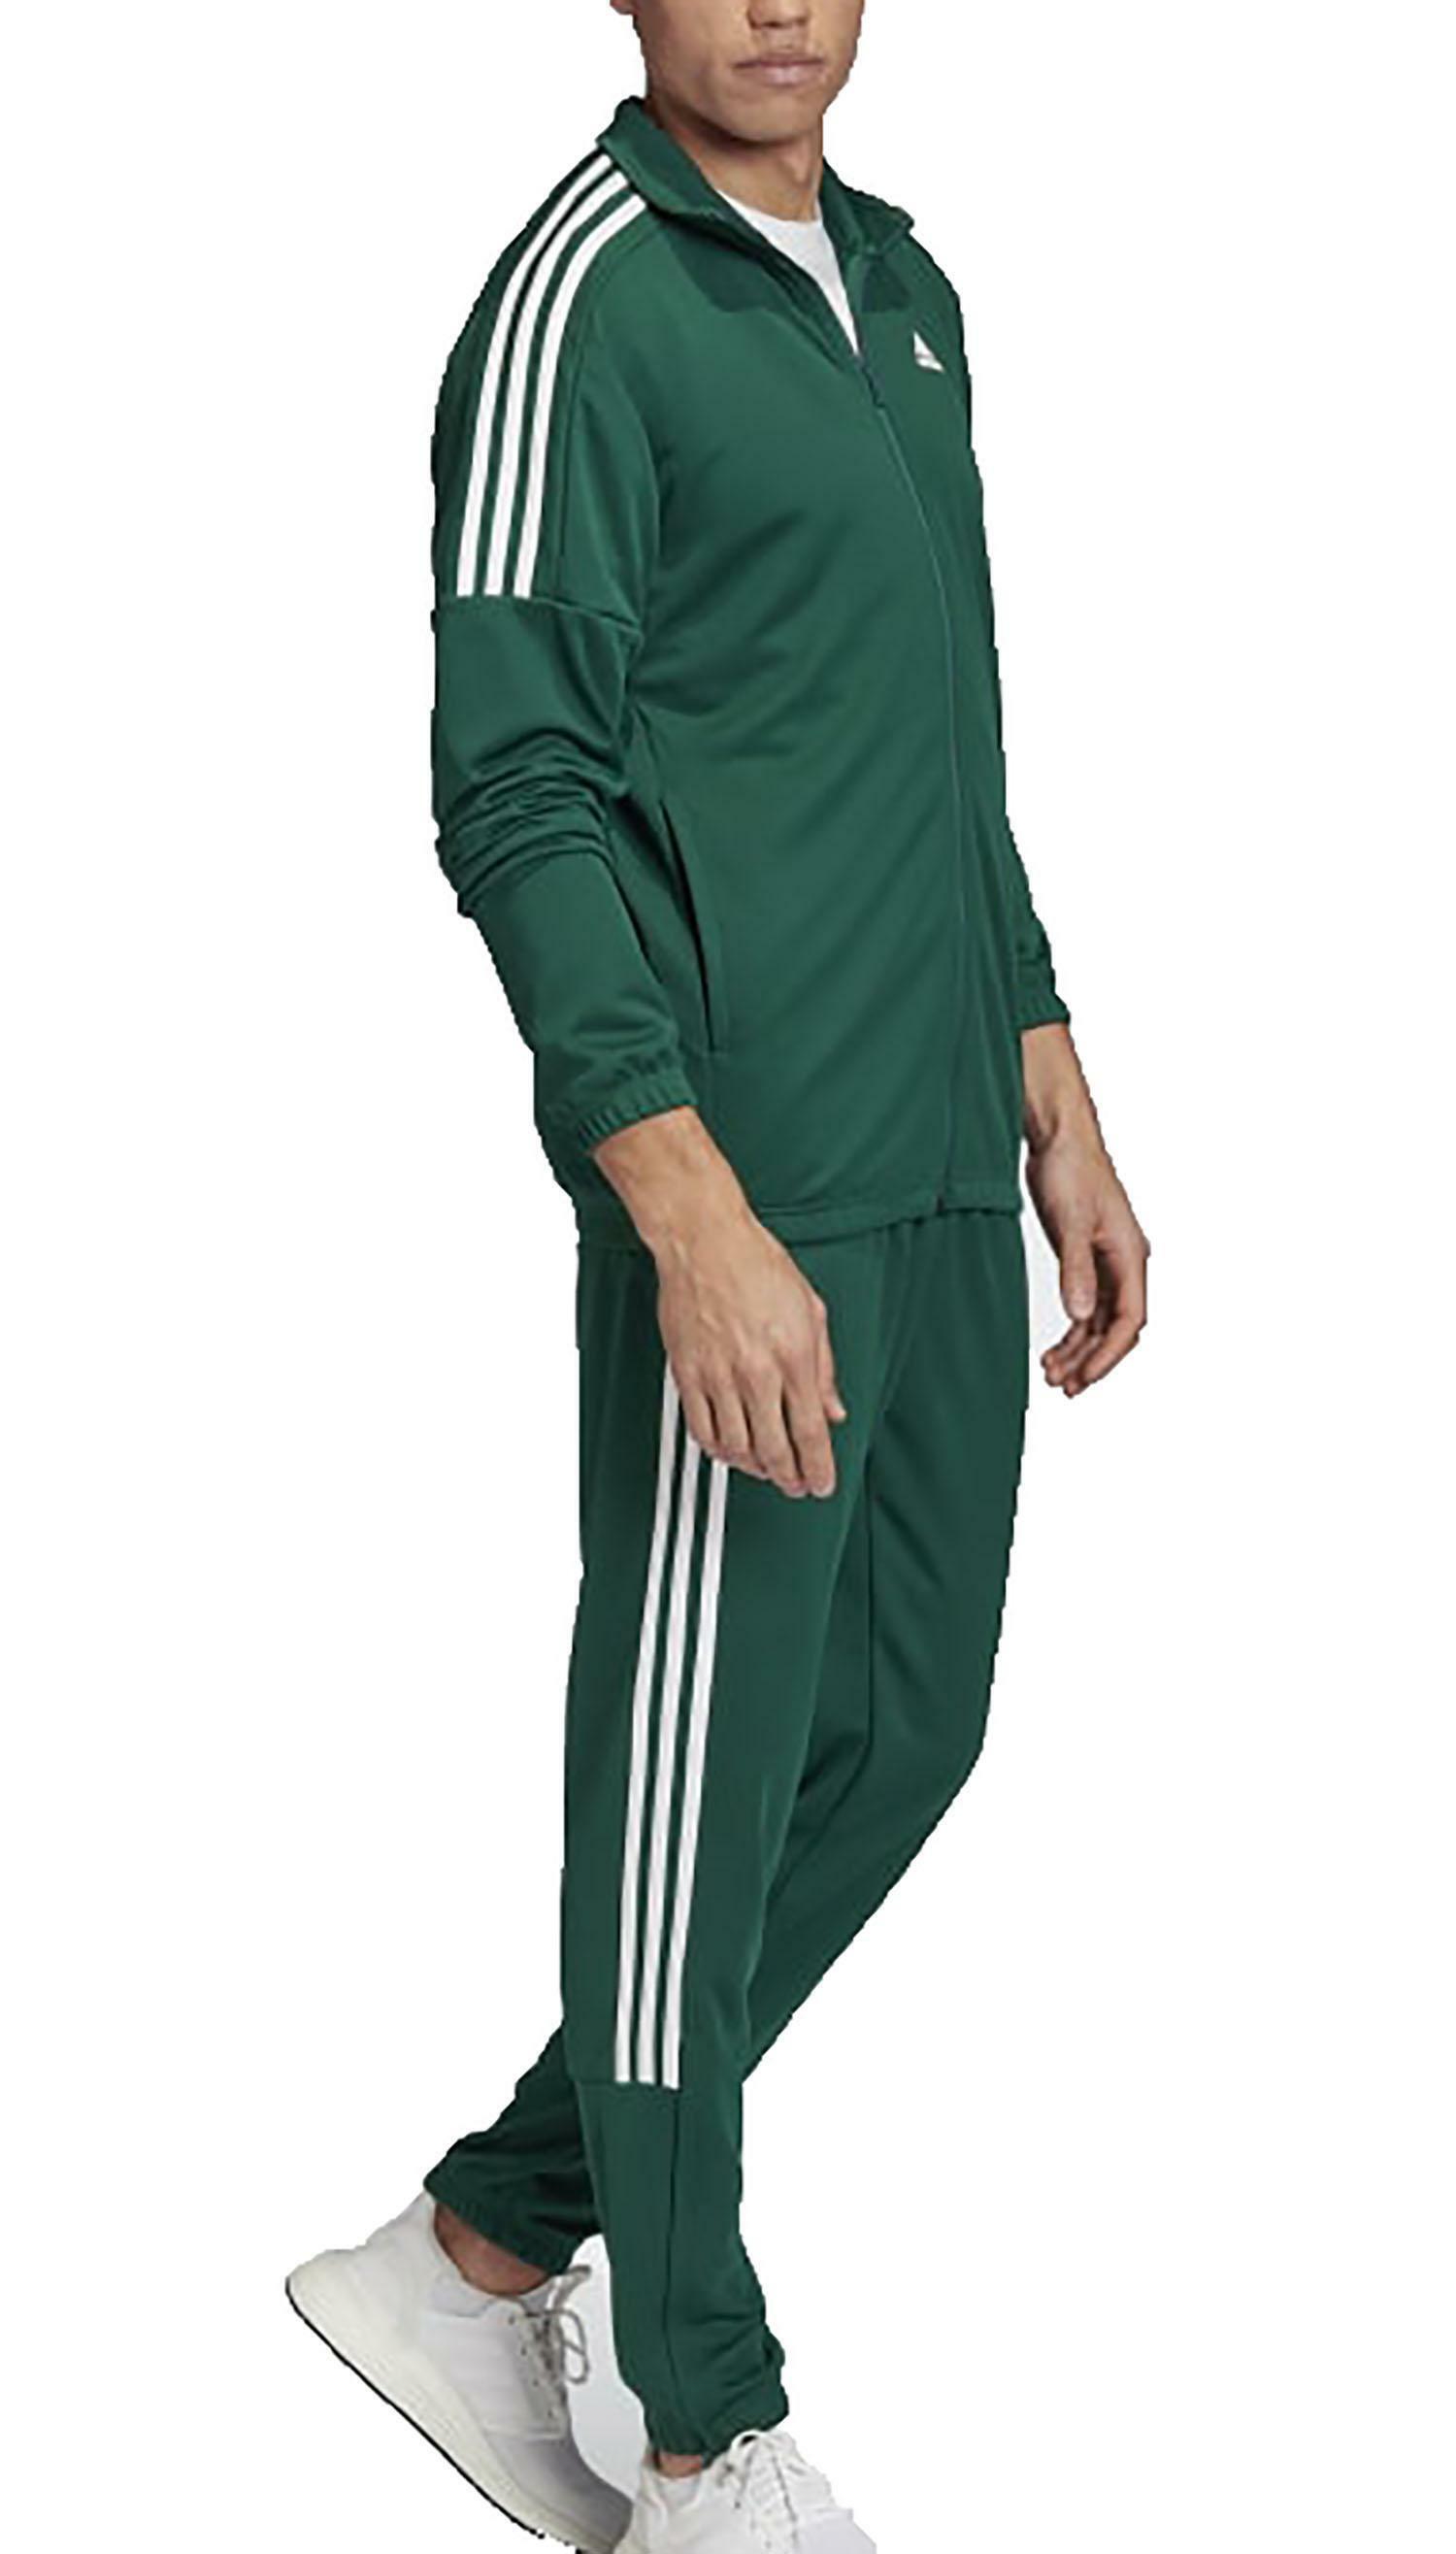 tubatura realizzazione Razionale  Adidas mts sport tuta uomo verde fk3504